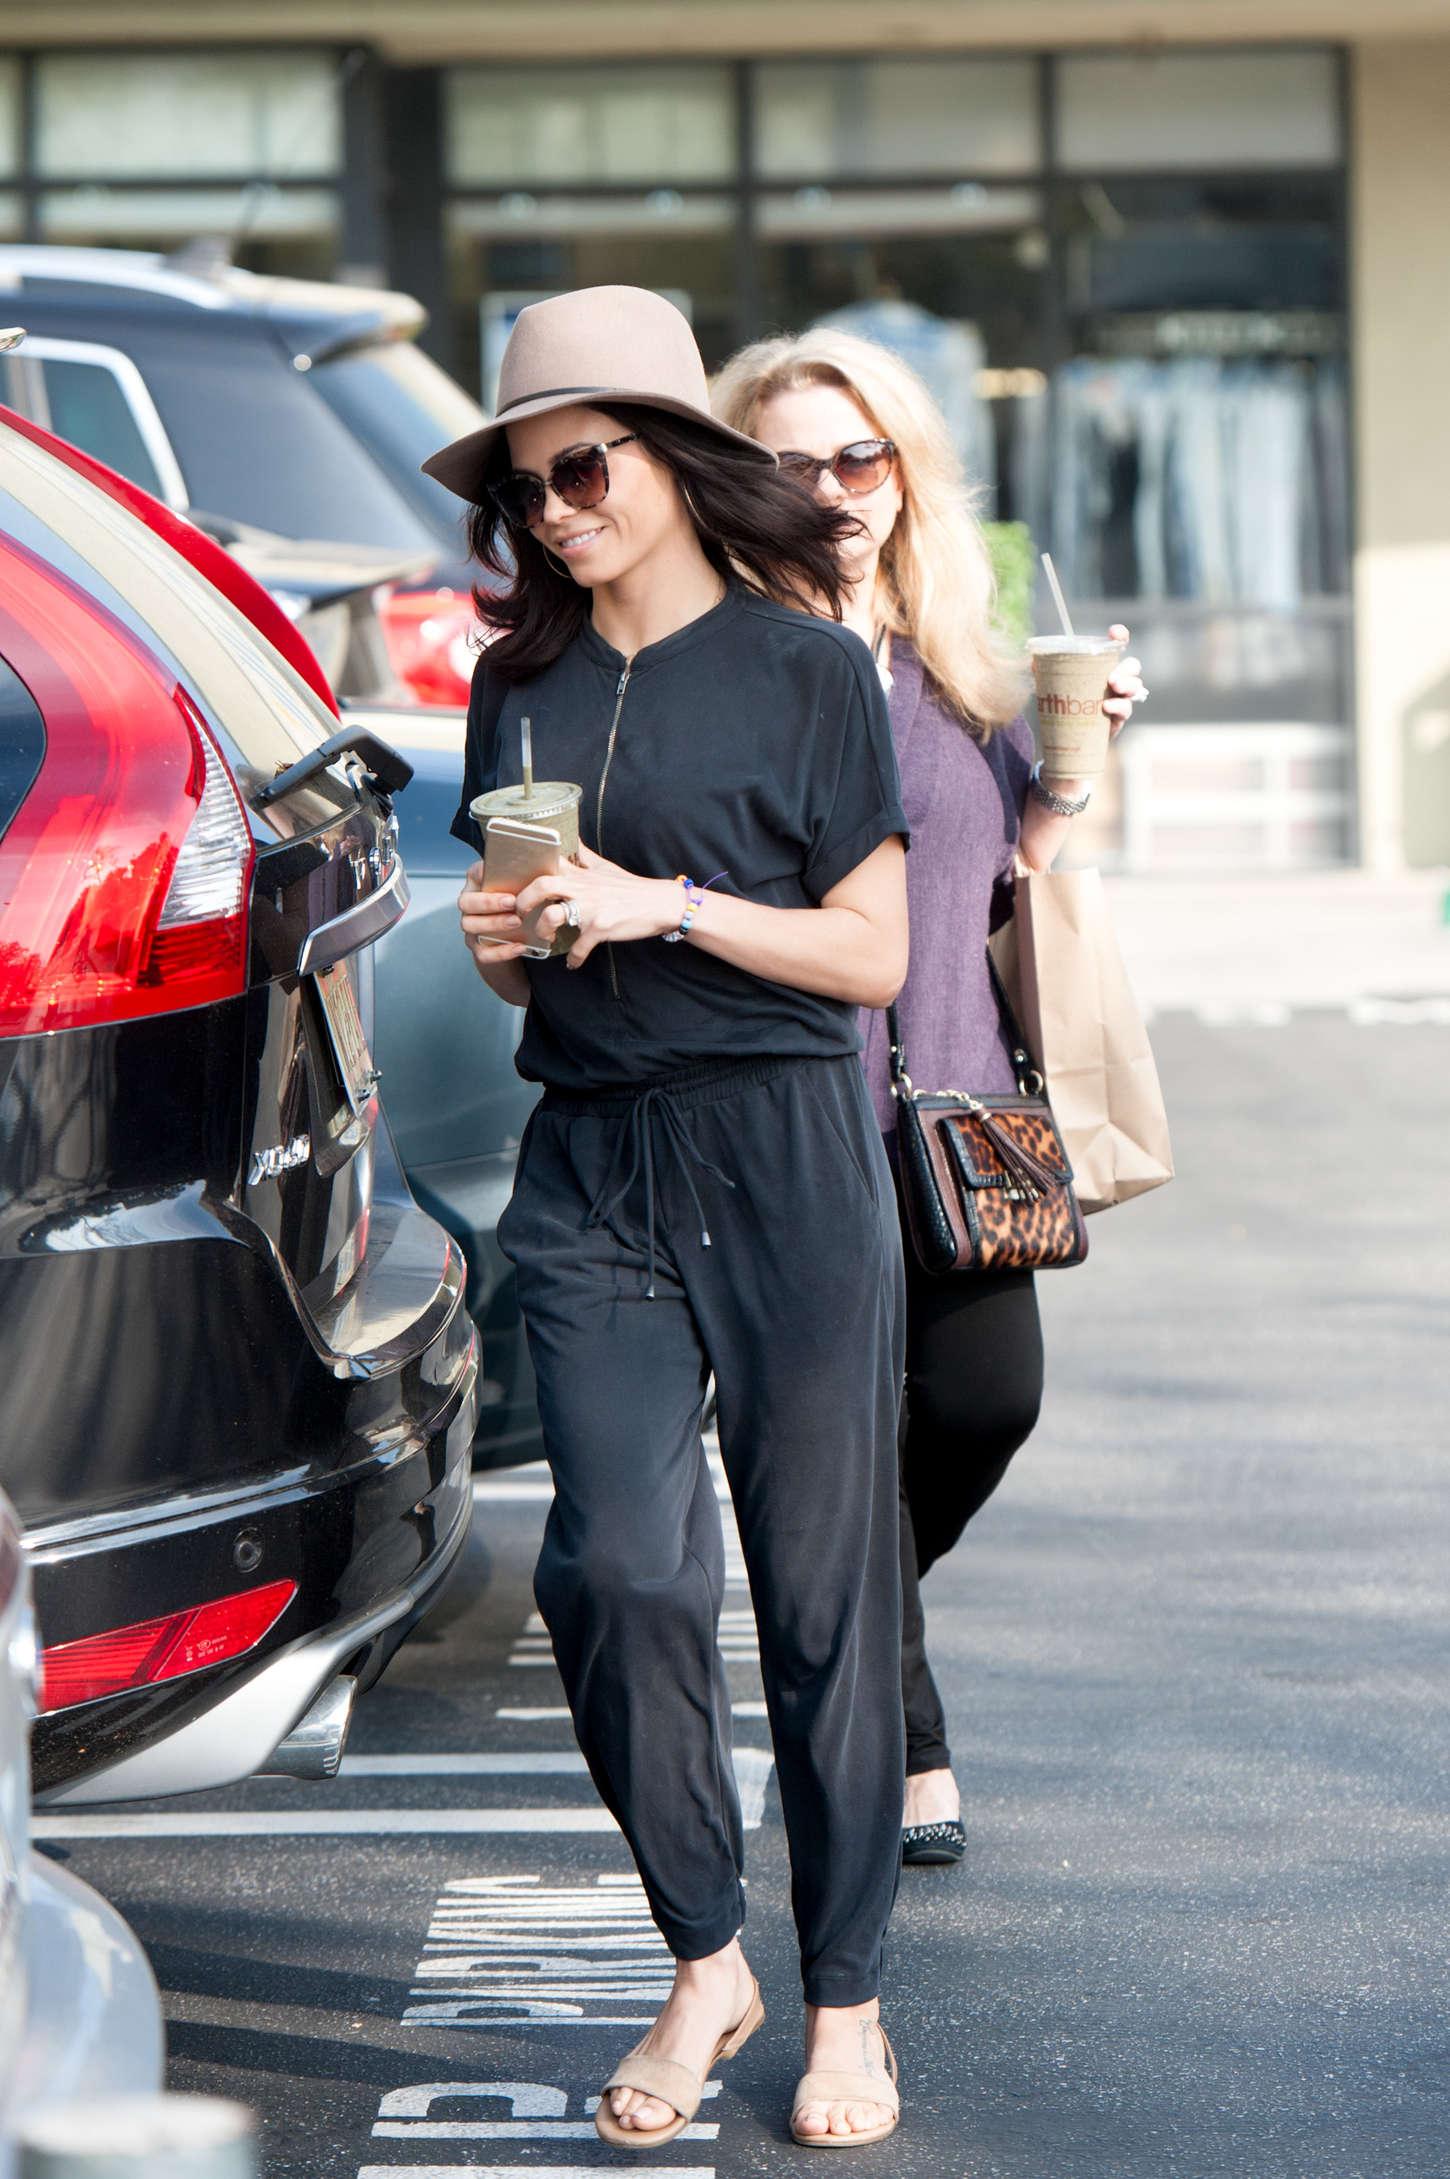 Jenna Dewan Tatum 2015 : Jenna Dewan Tatum Out in LA -18